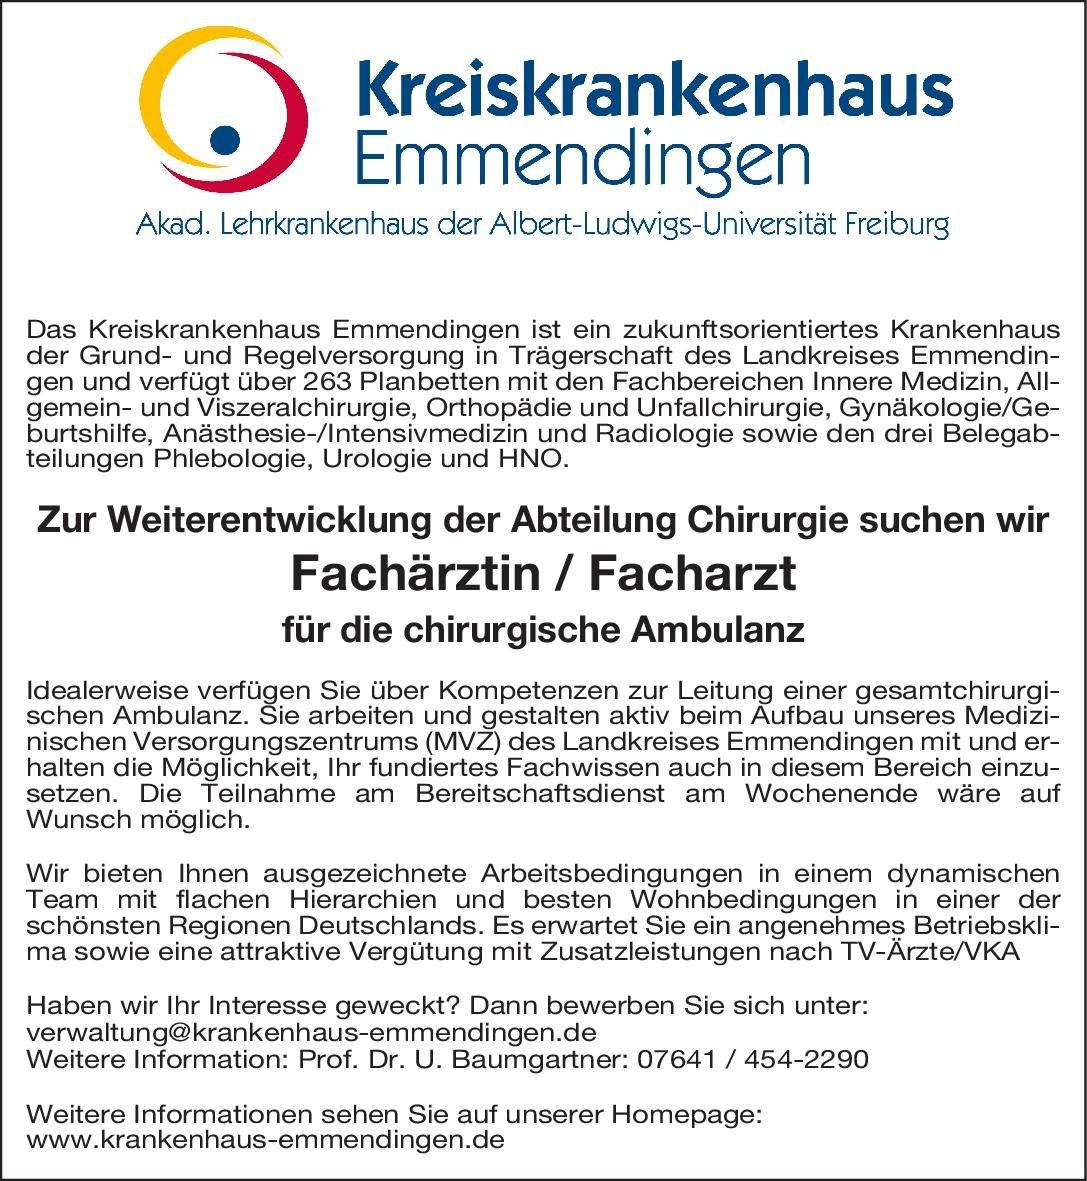 Großzügig Radiologe Informationen Galerie - Menschliche Anatomie ...